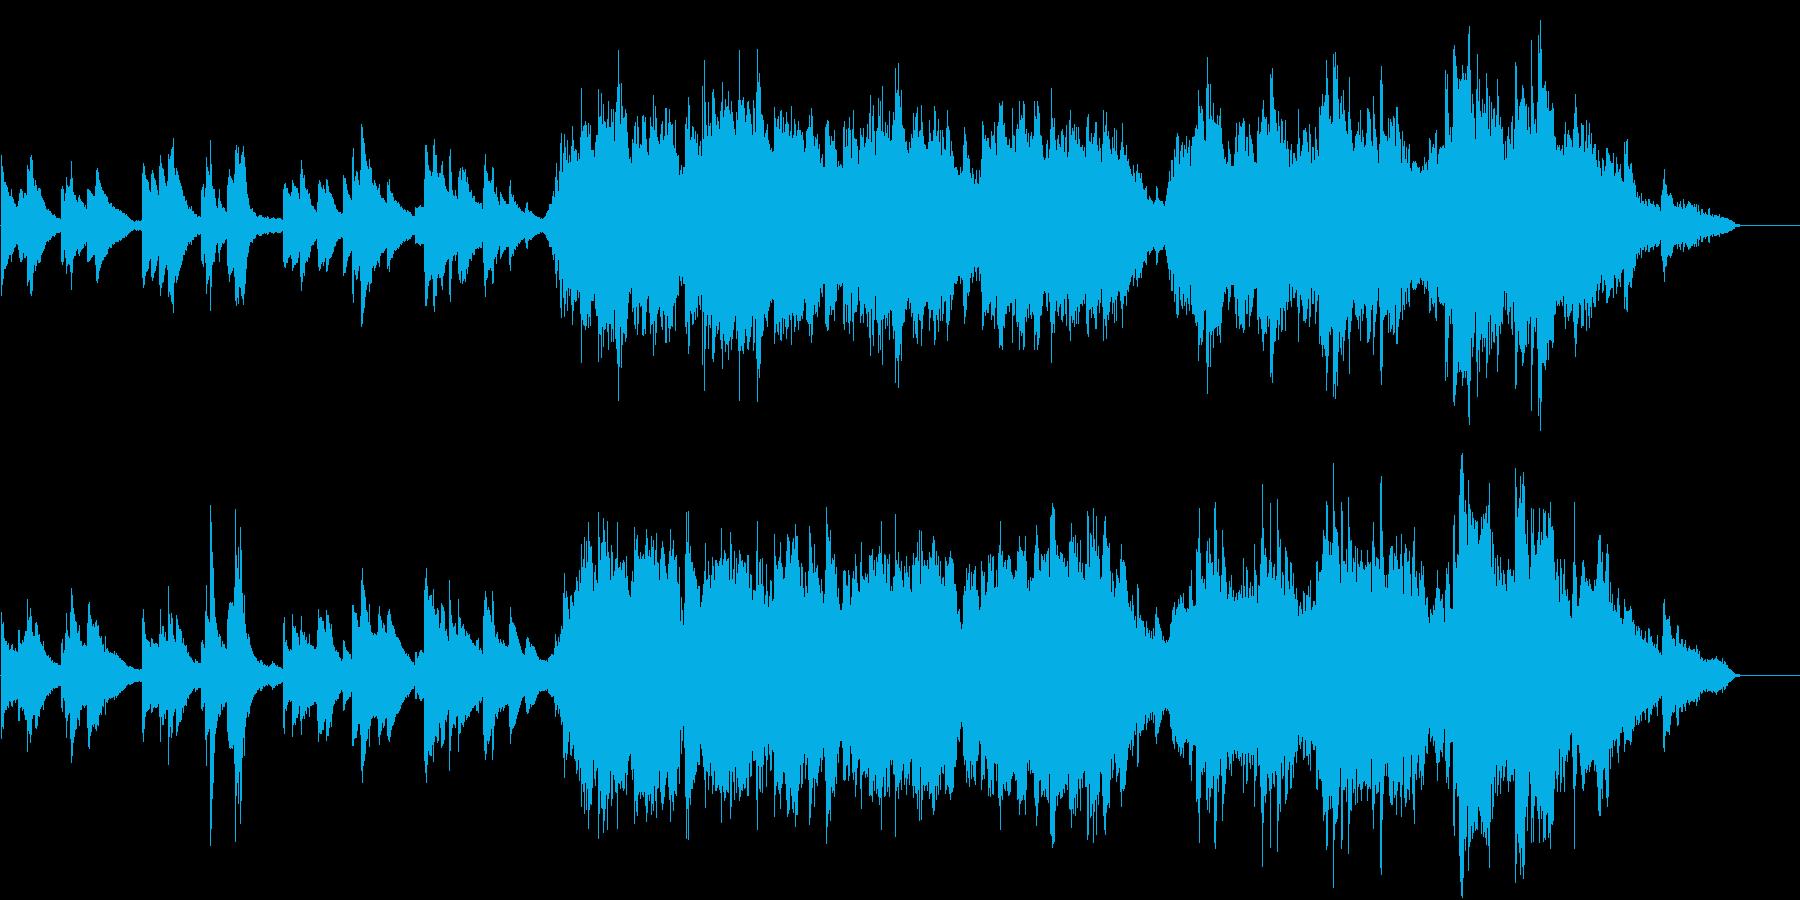 愁いのあるメロディーのピアノと弦楽の曲の再生済みの波形